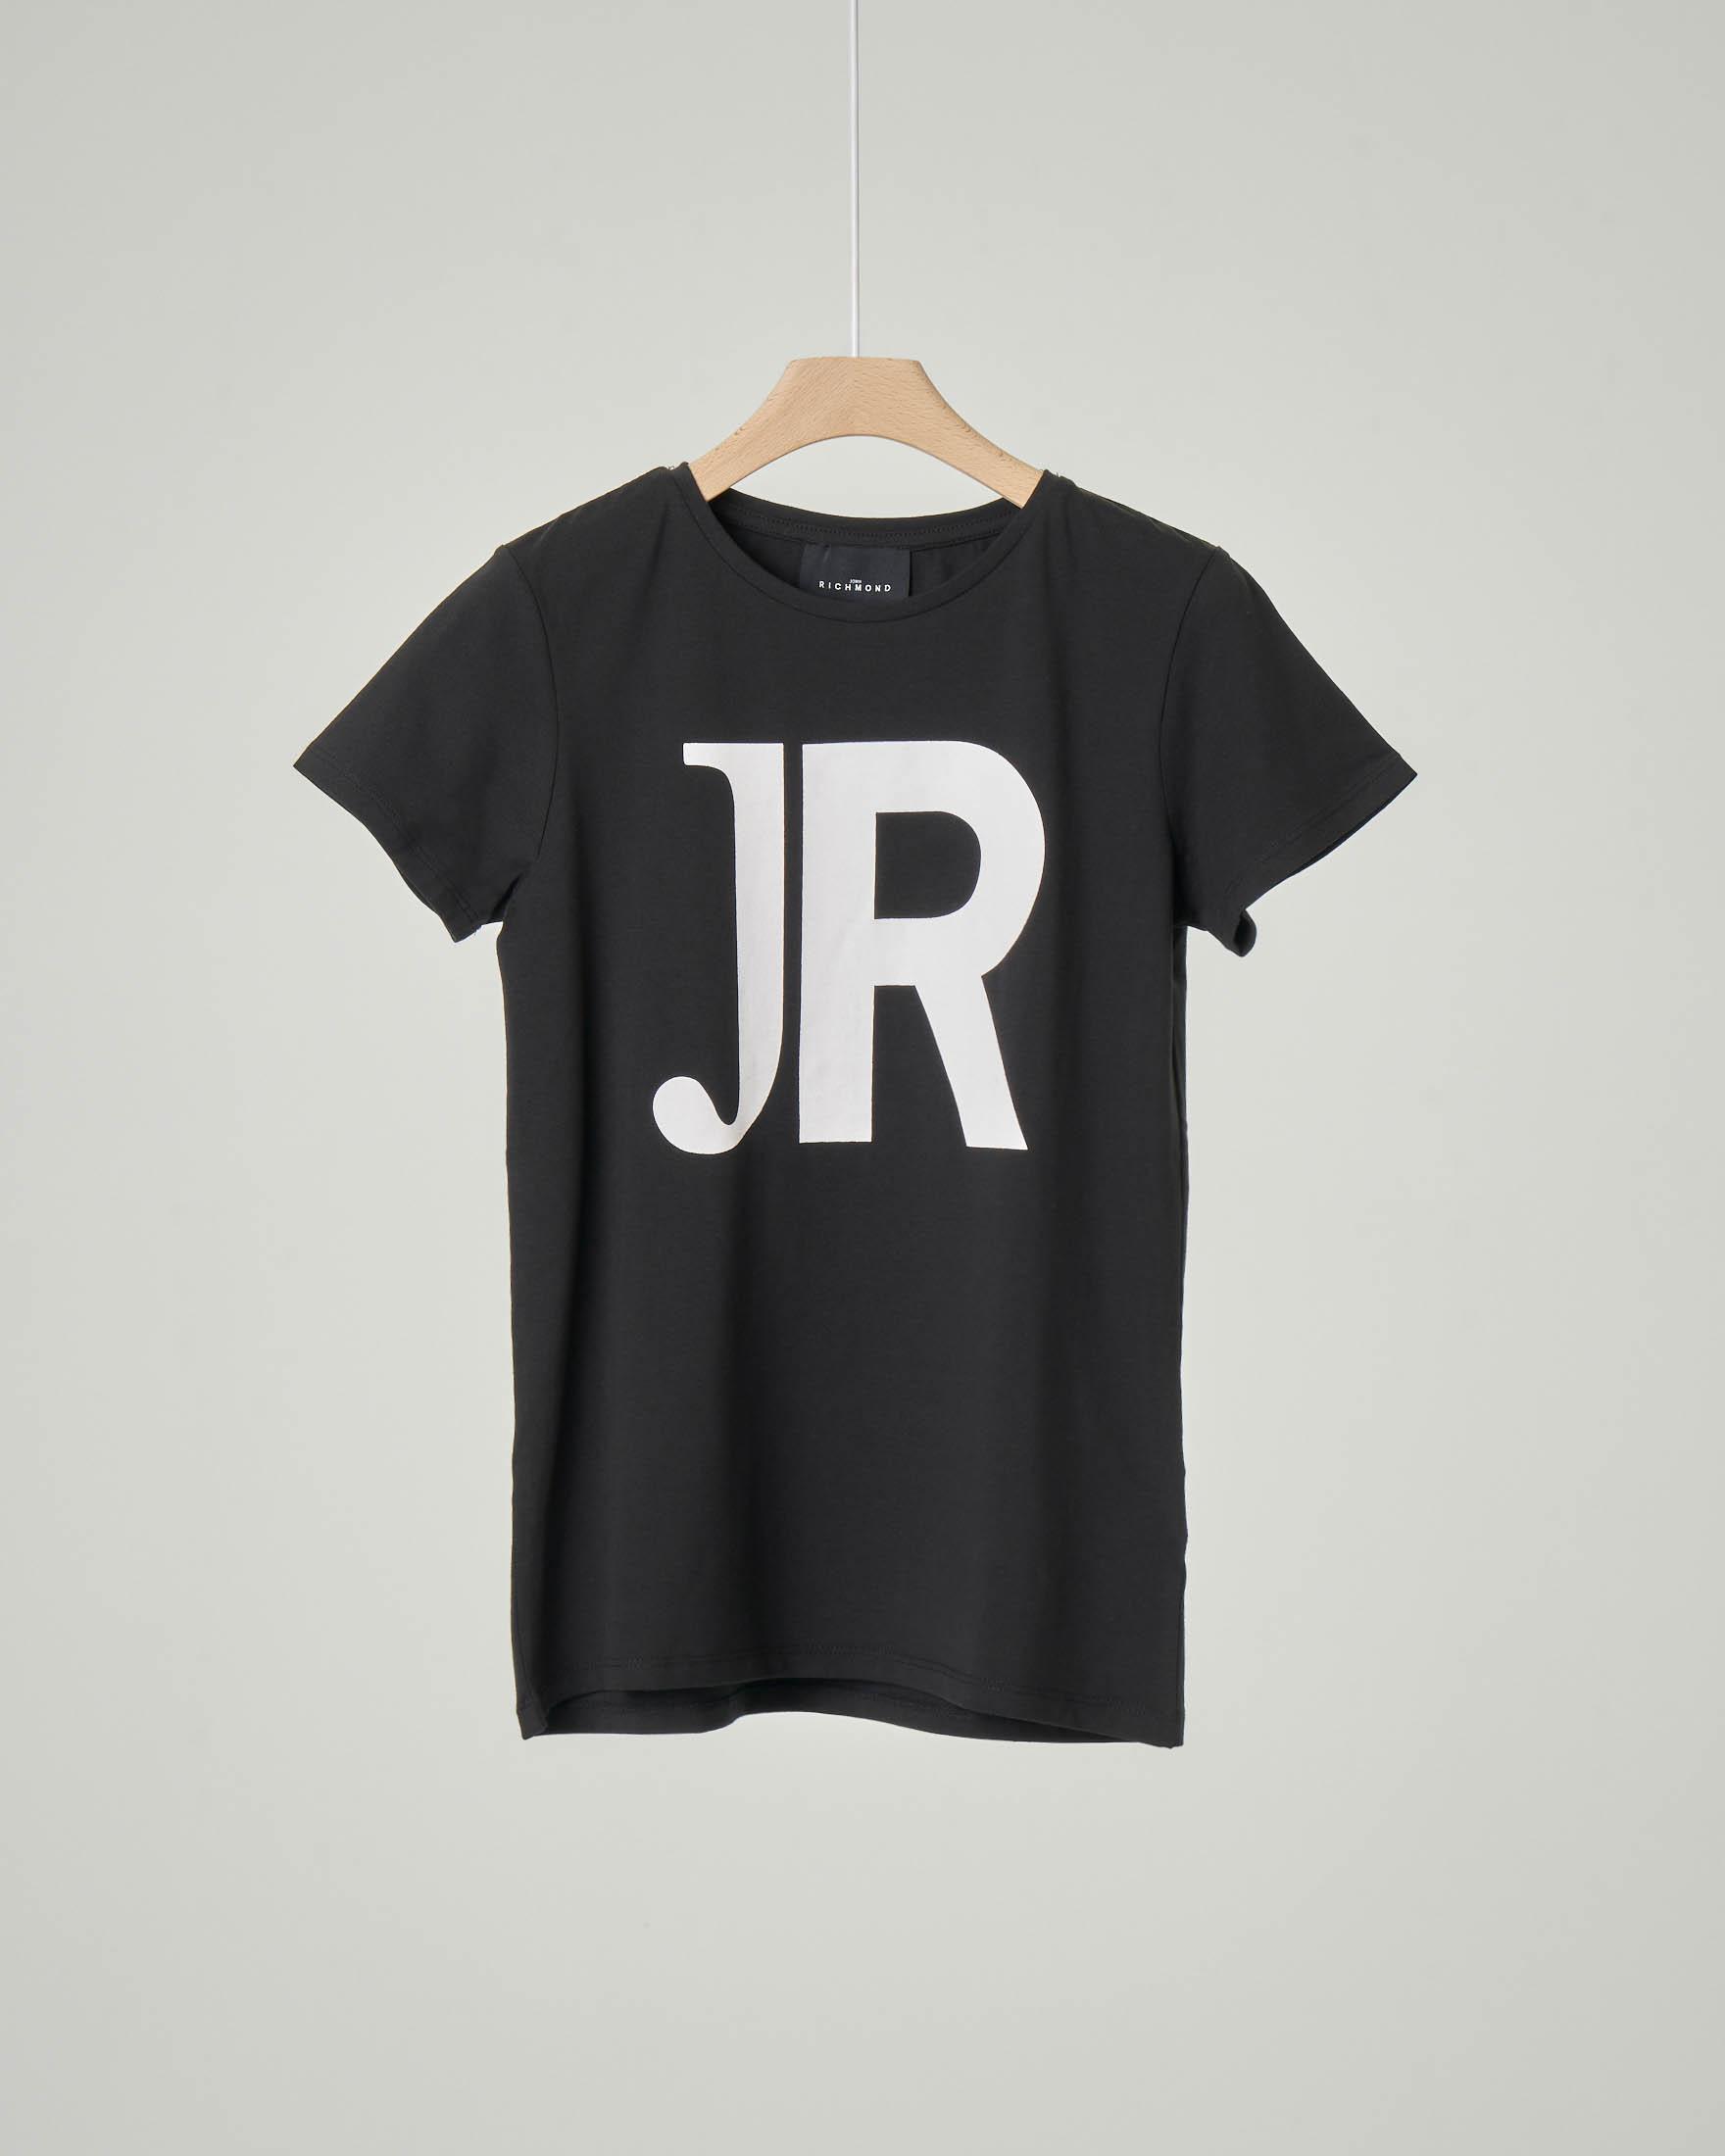 T-shirt mezza manica nera con JR bianco stampato davanti e logo sul retro 10-16 anni